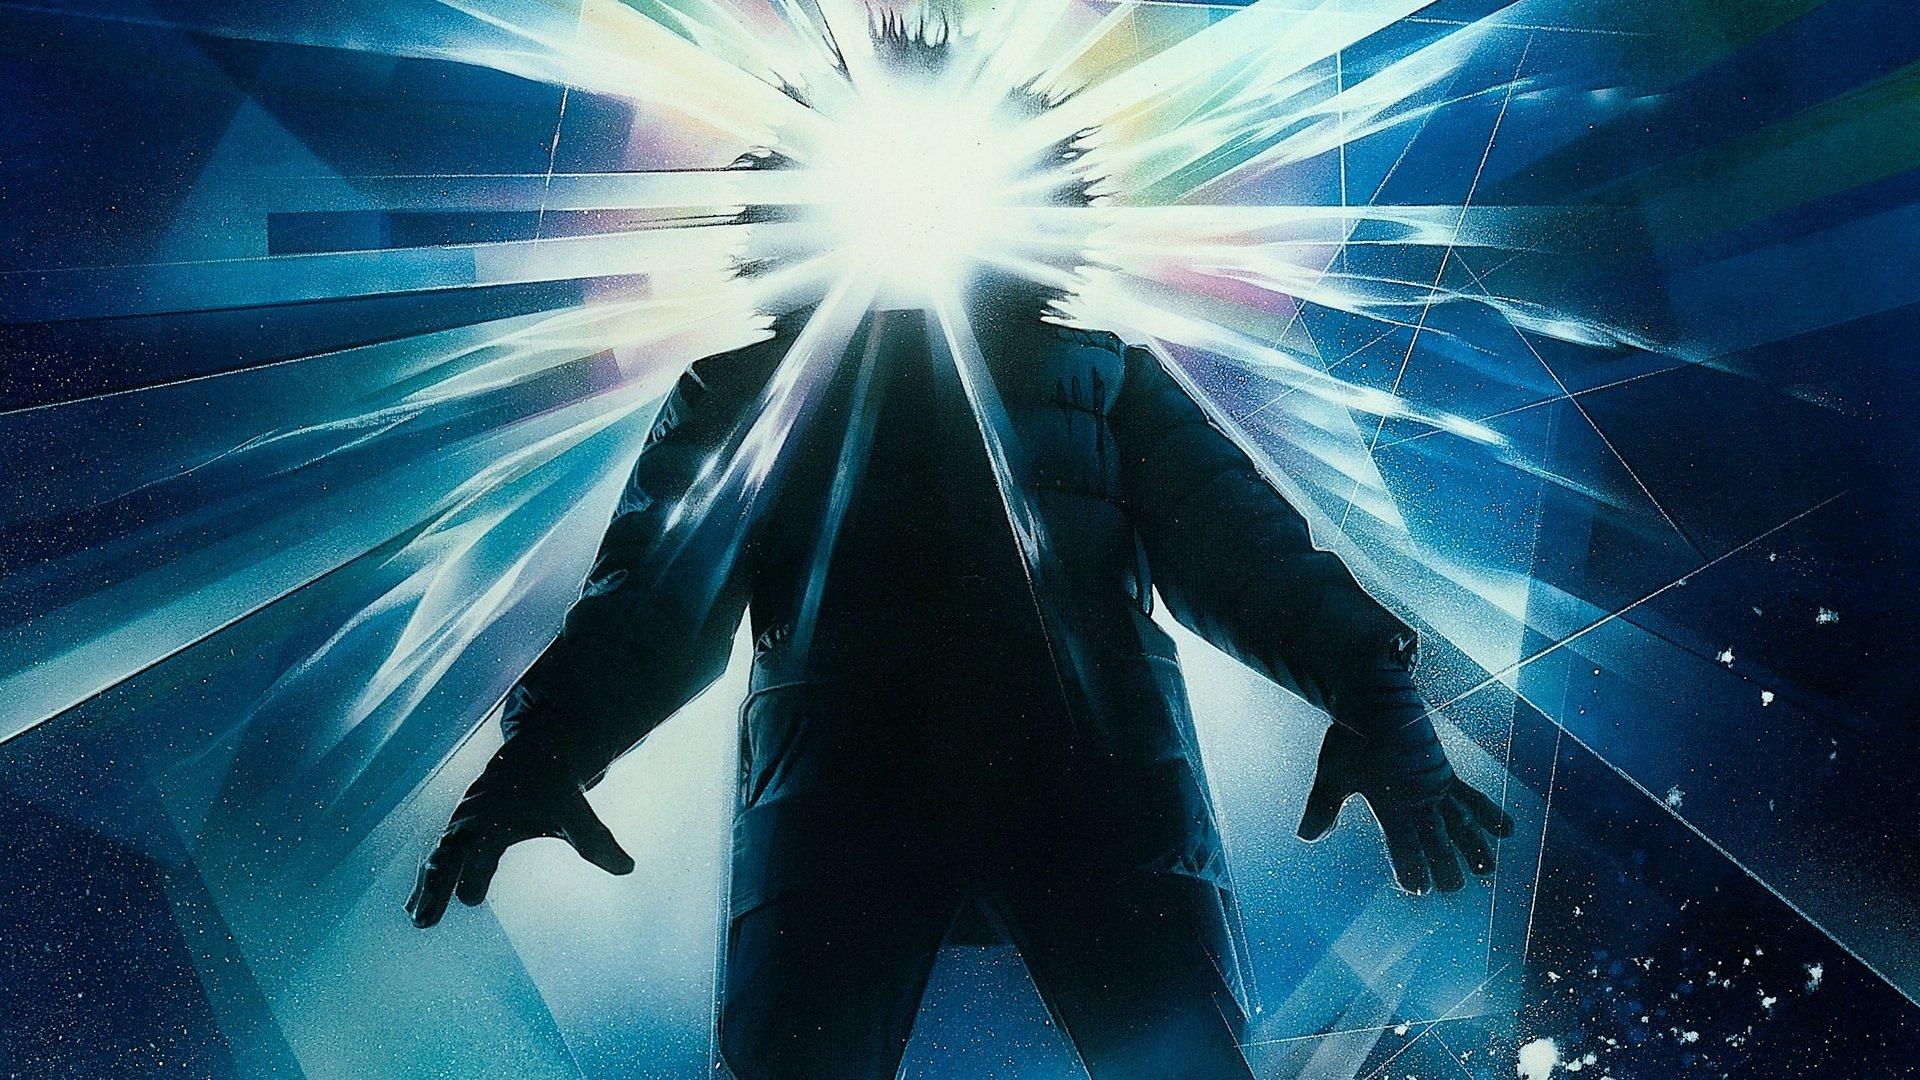 The Thing 1982 John Carpenter Remake